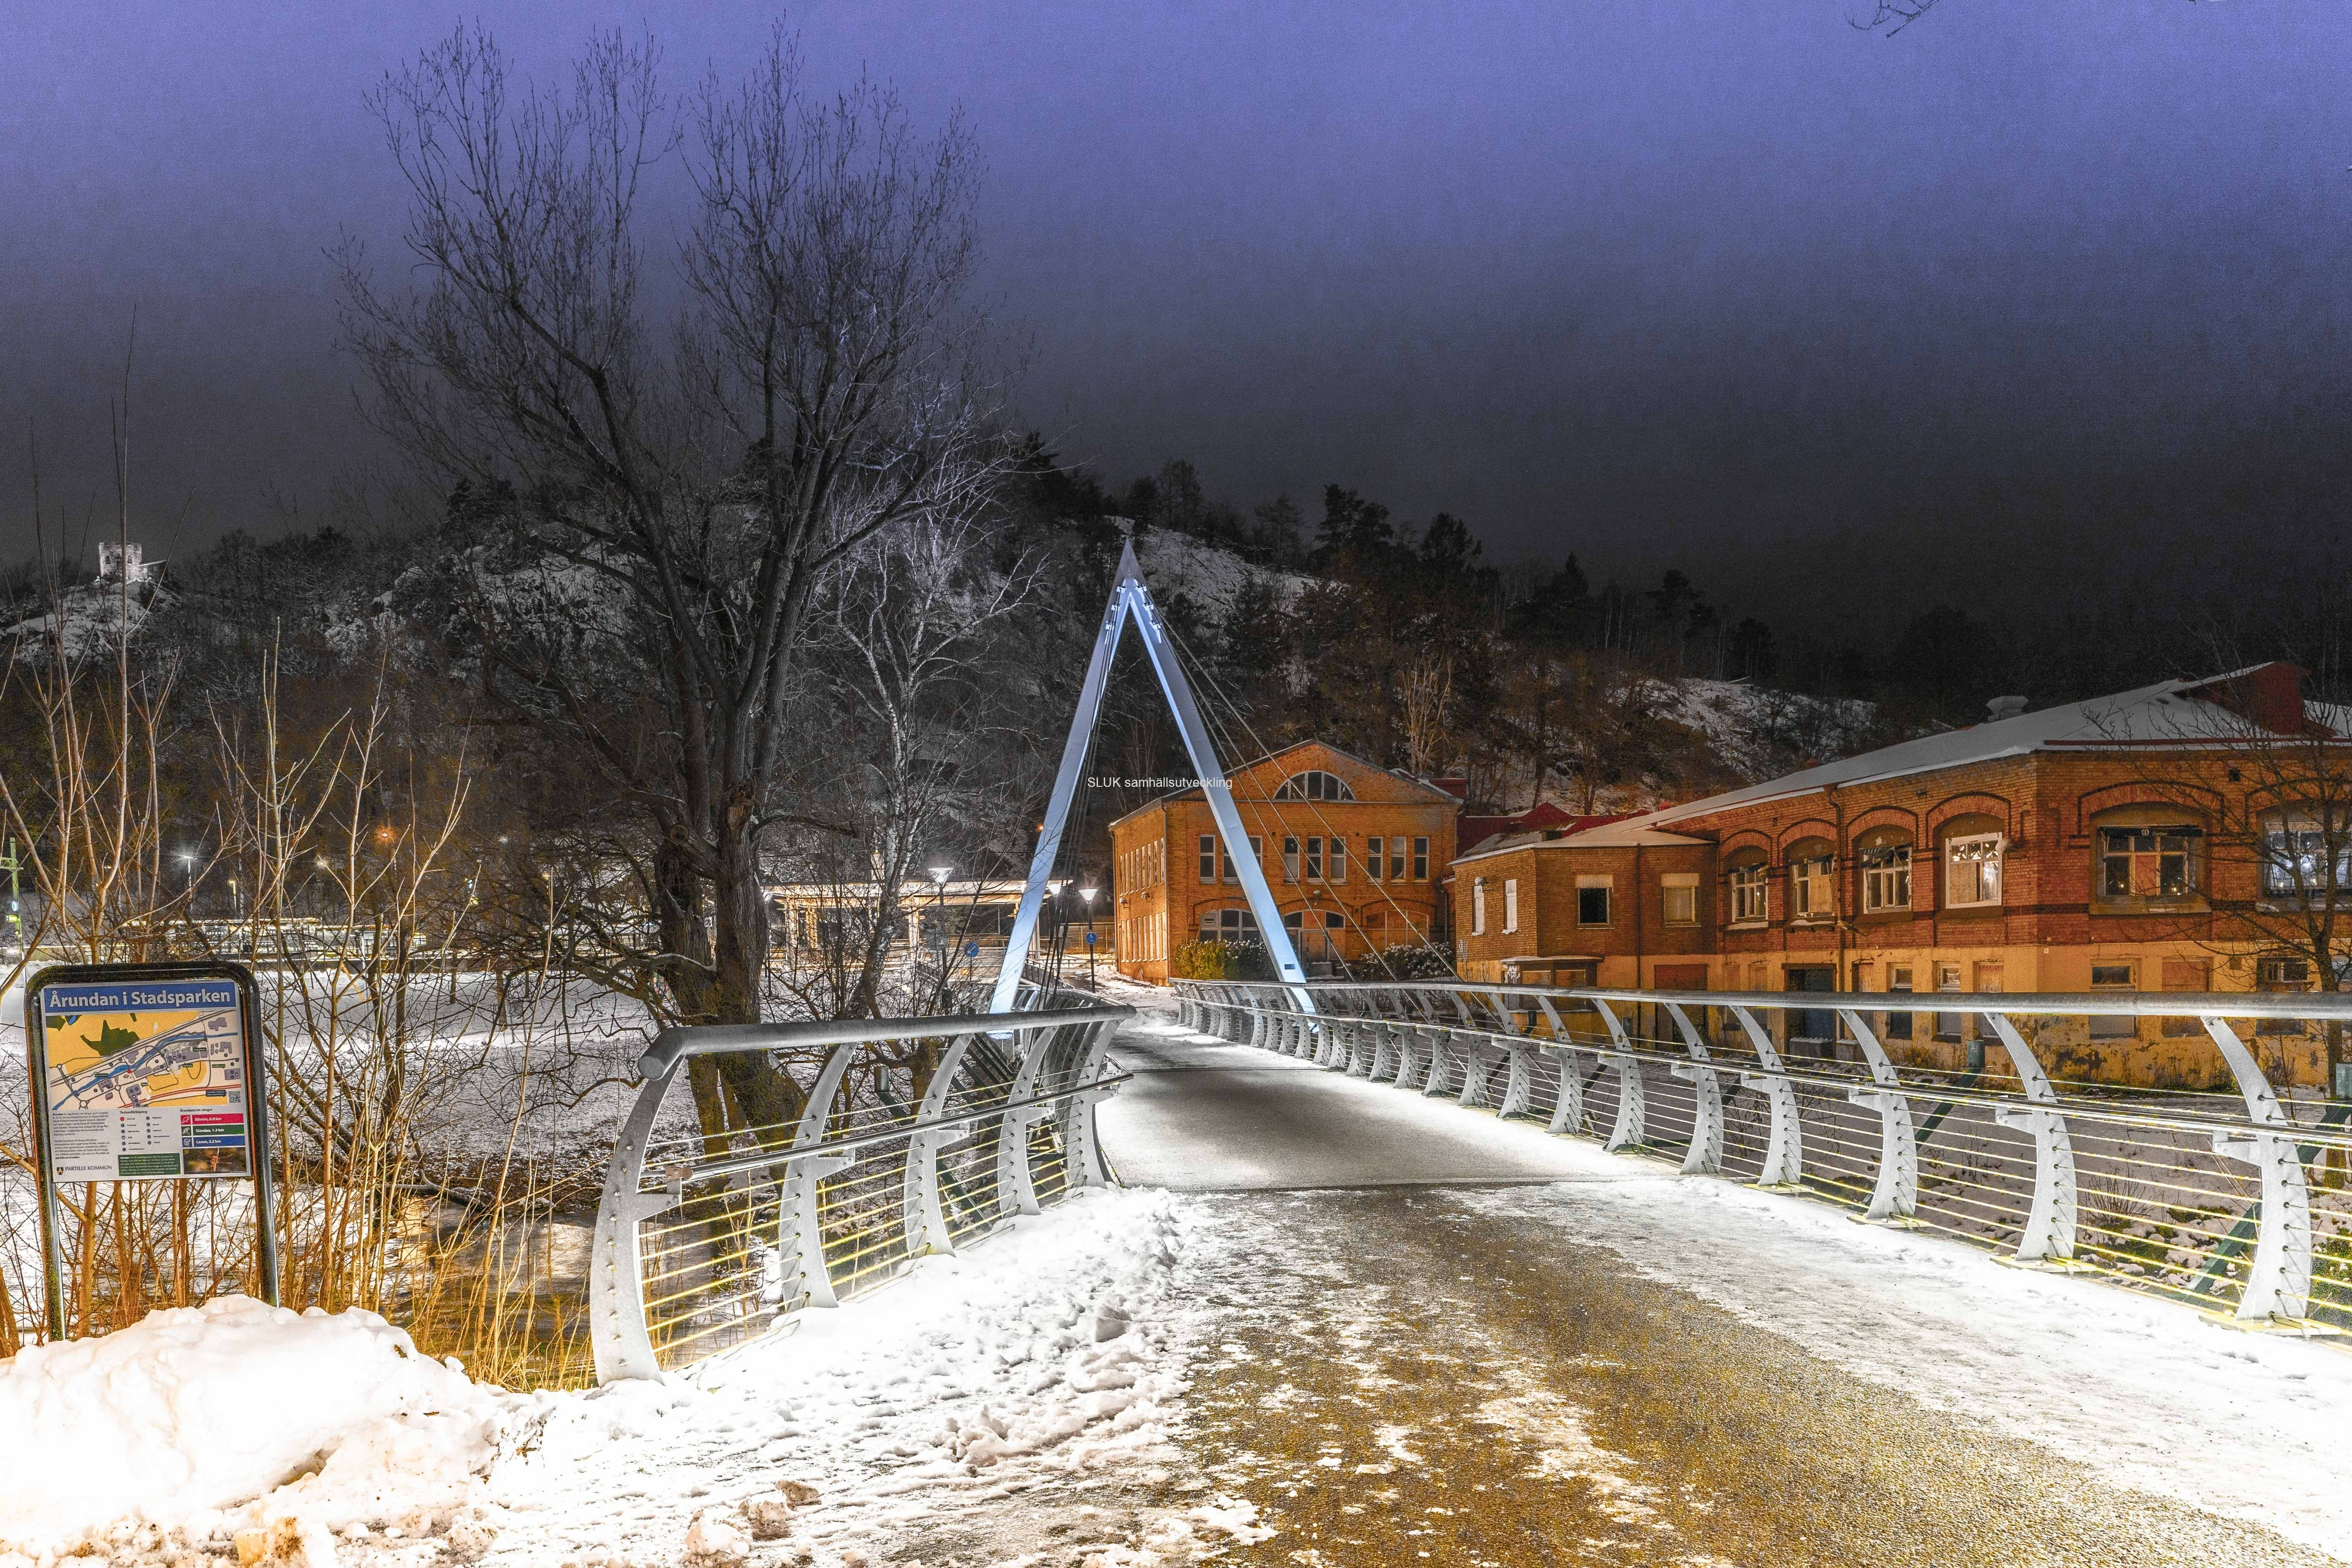 Vägen från centrum över Säveån till stationen är vackert belyst.